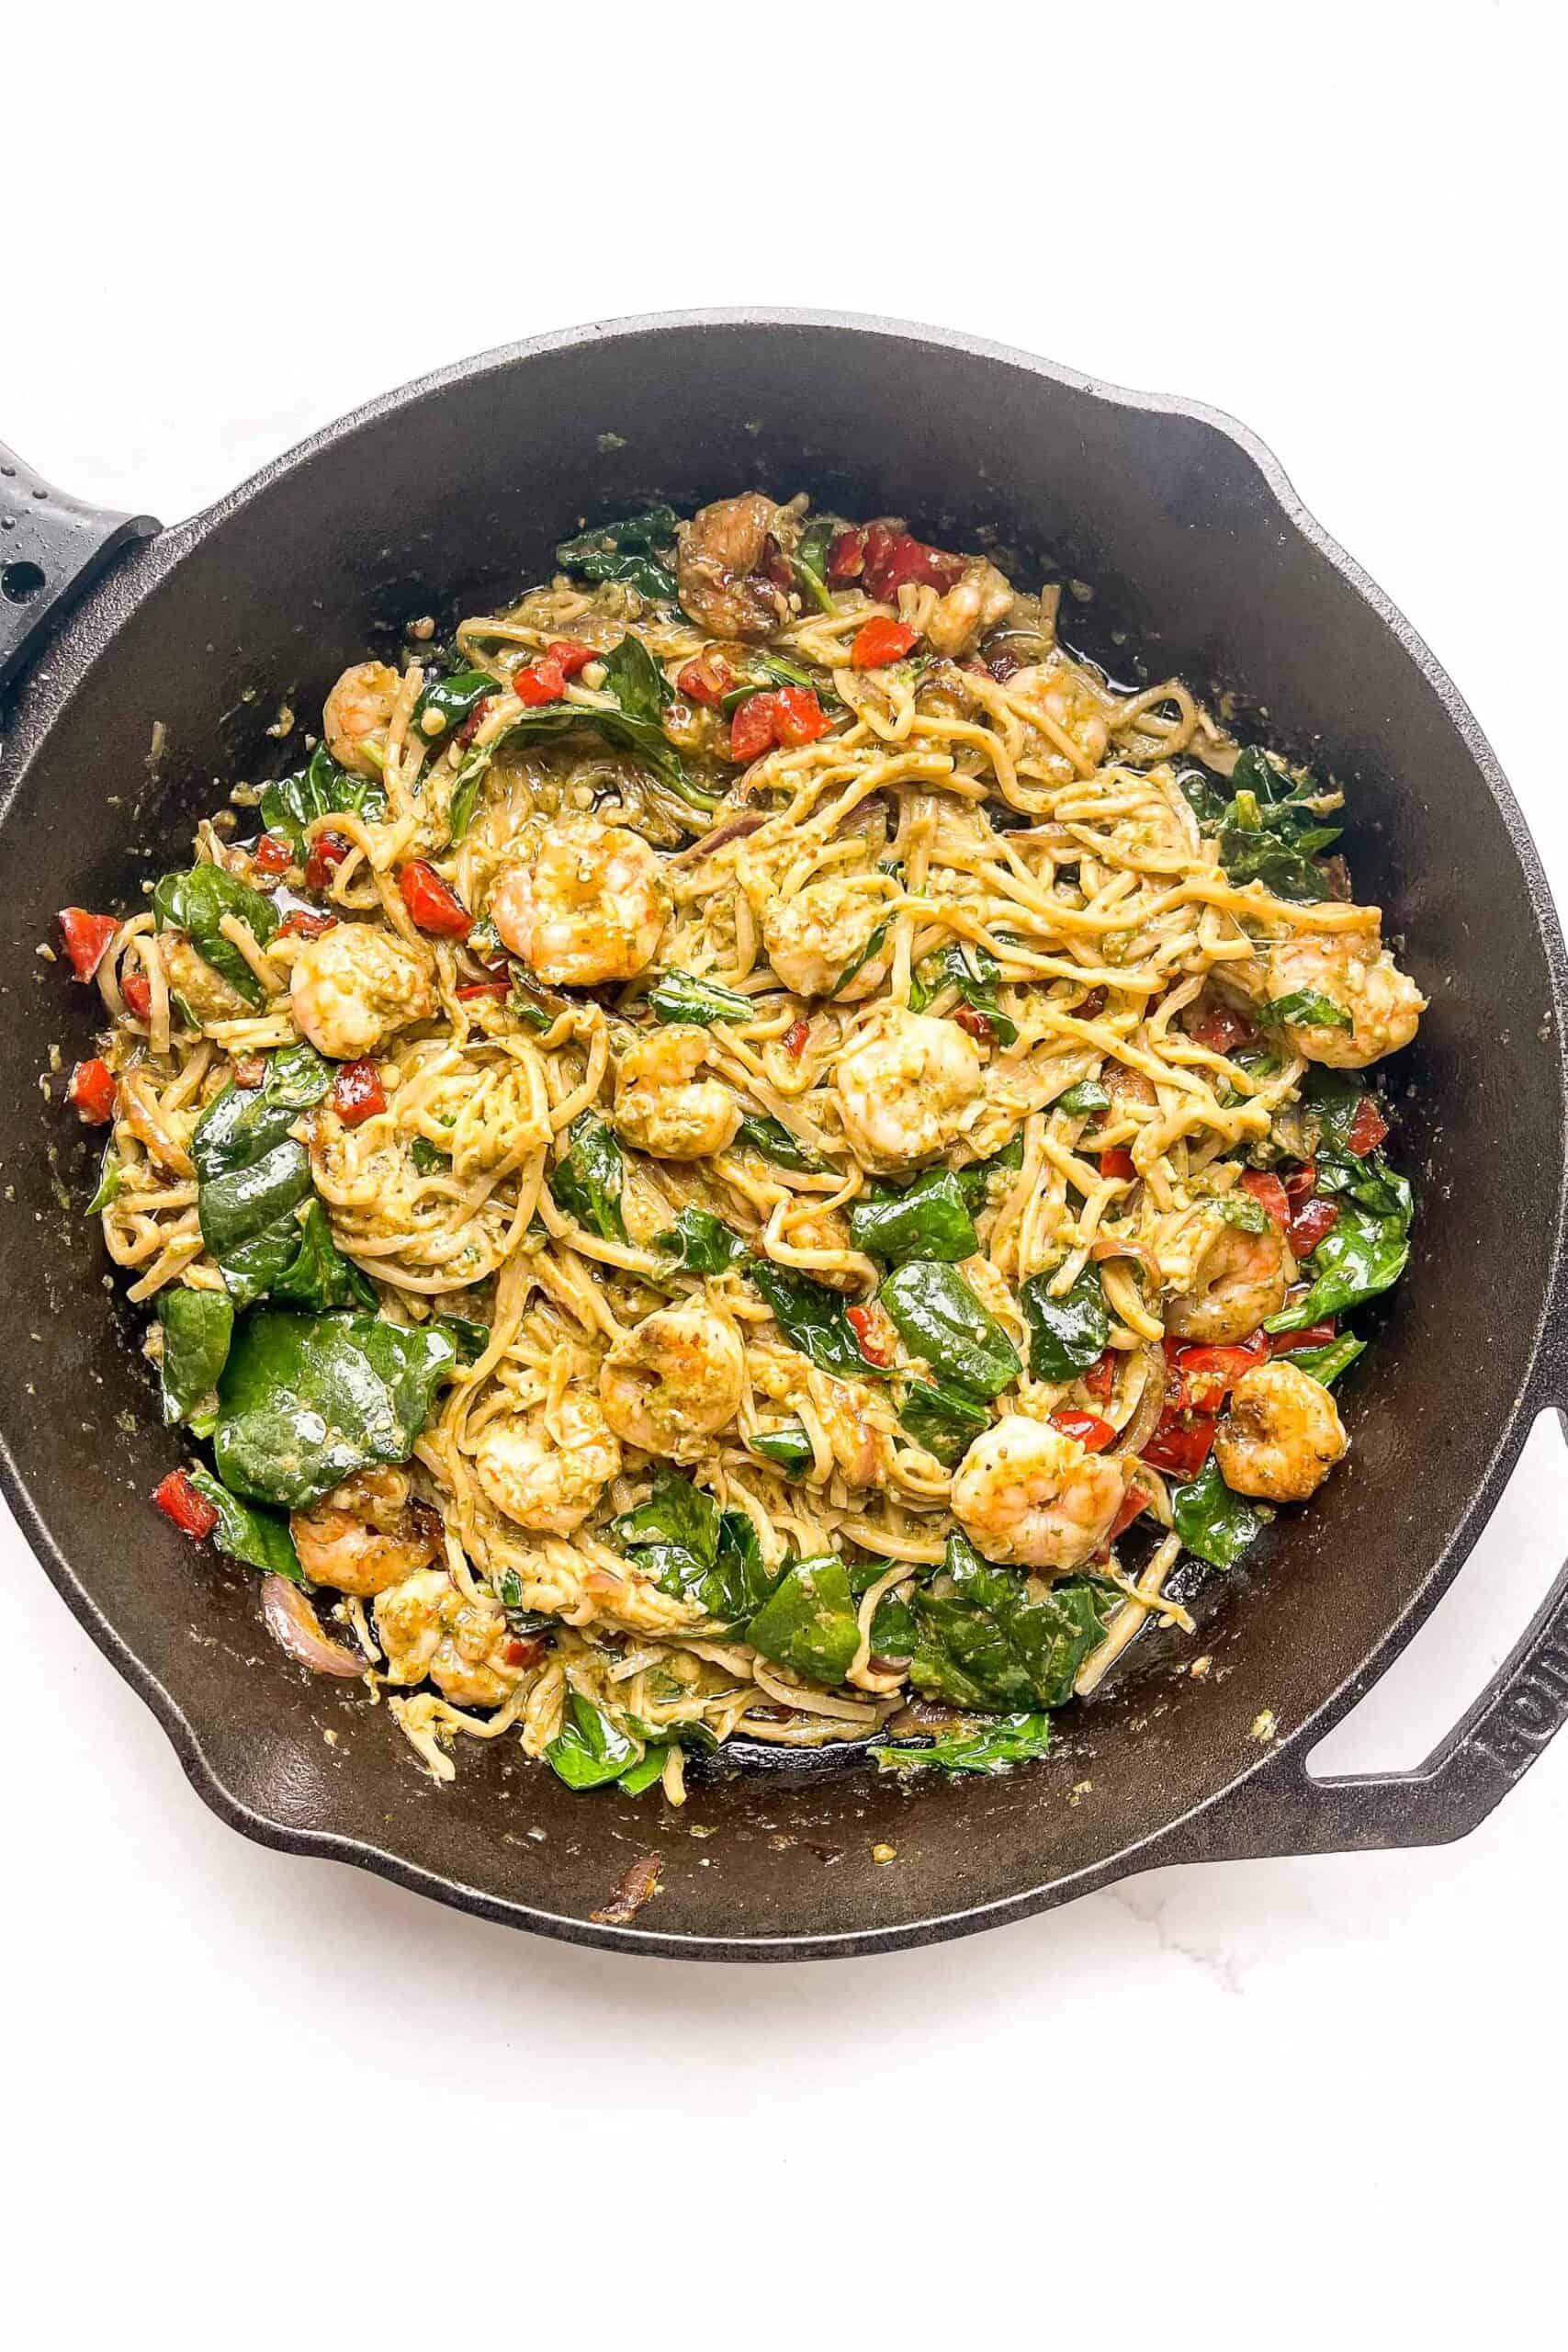 pesto shrimp pasta in a cast iron skillet